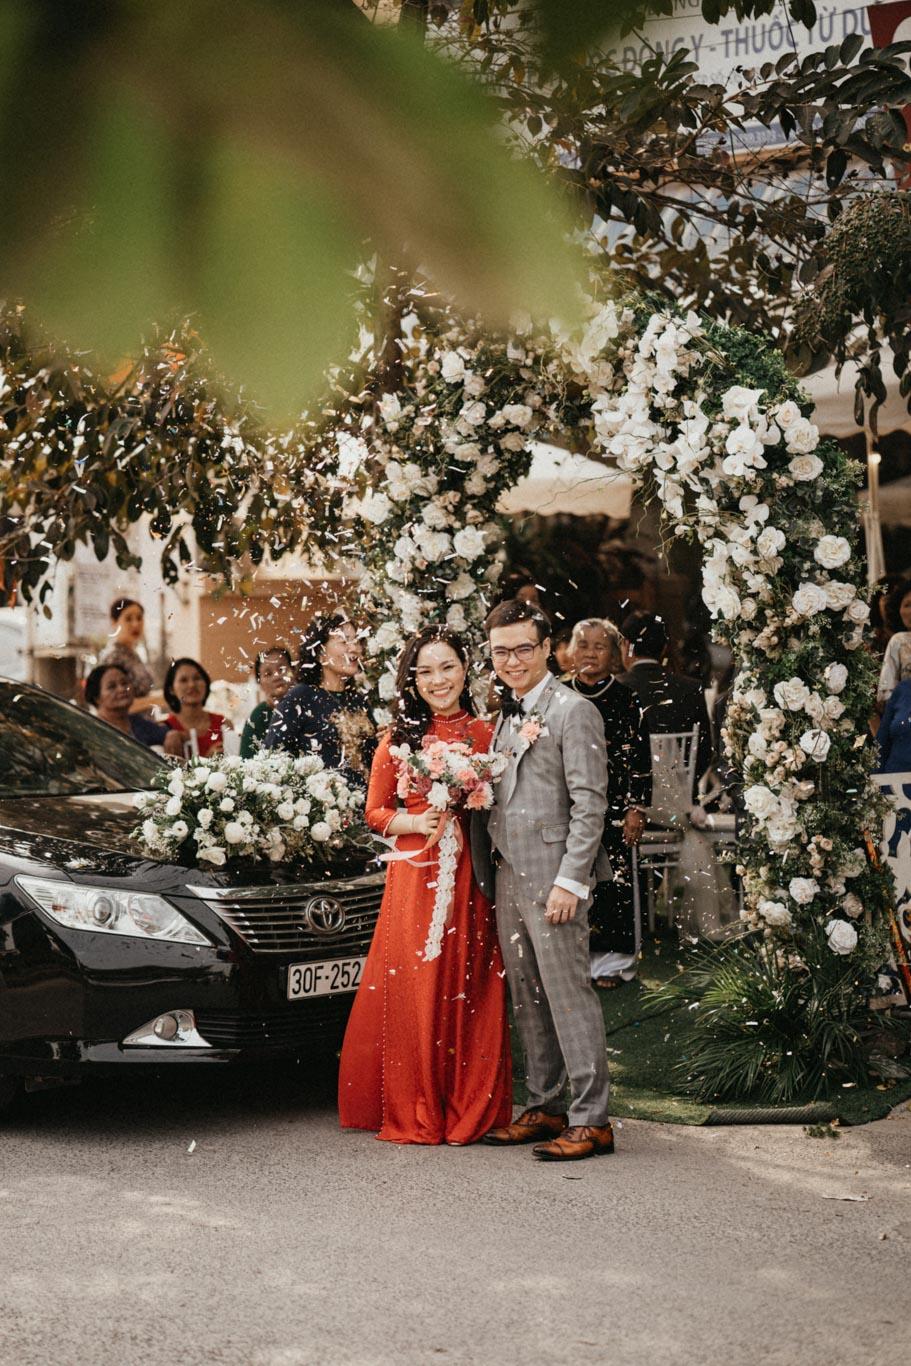 Quang Minh & Thu Nguyệt ceremony